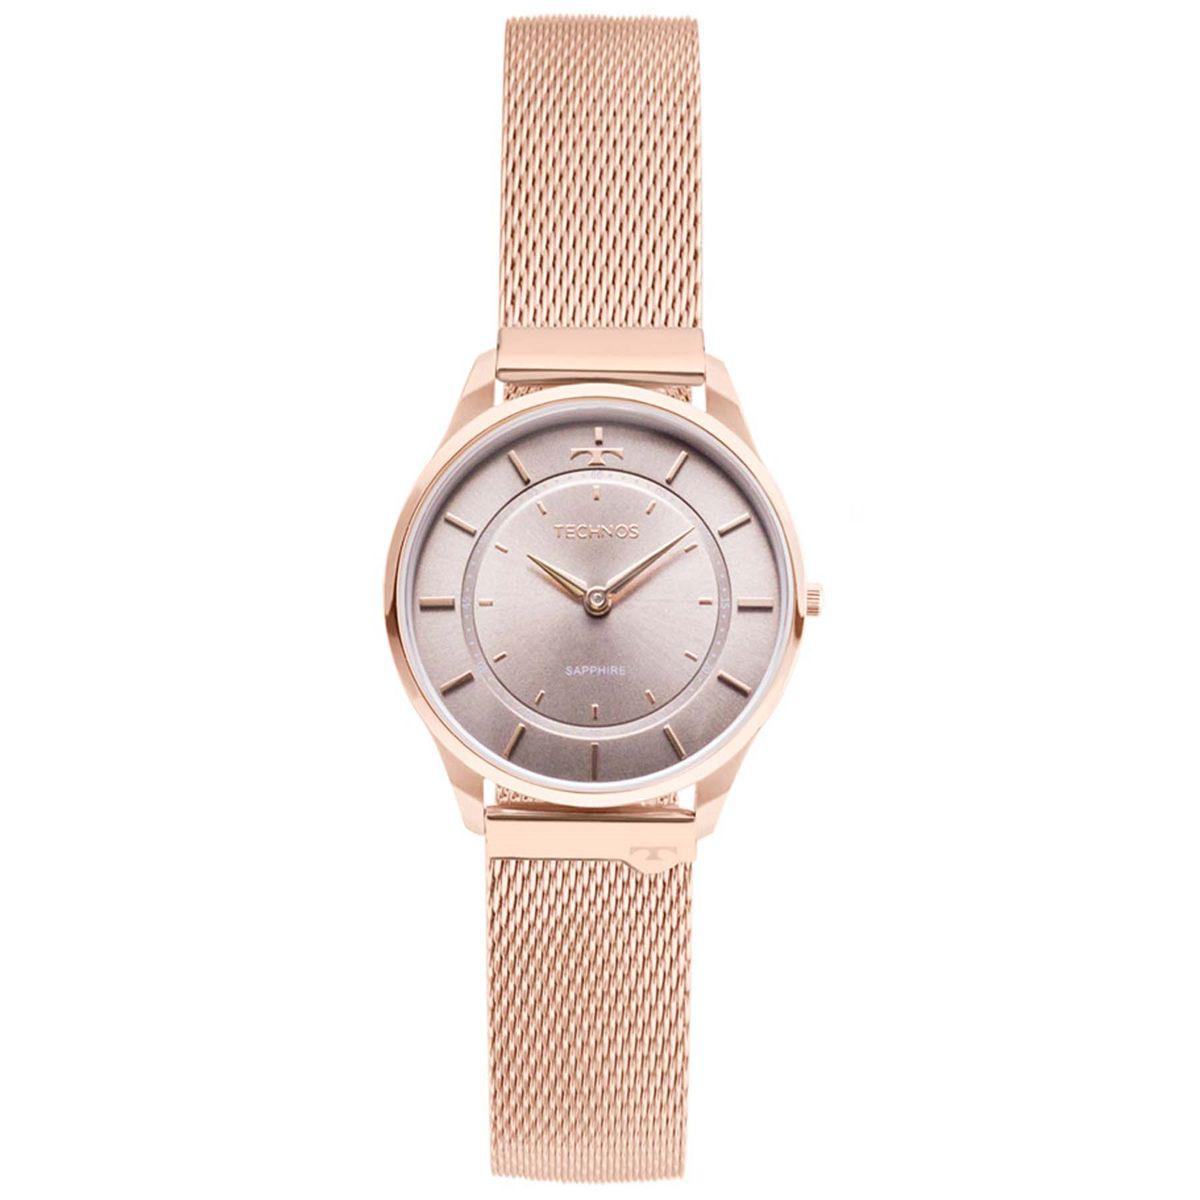 7a774ac522d25 Relógio Technos Slim Analógico Feminino 9T22AL 4C - Relógio Feminino ...